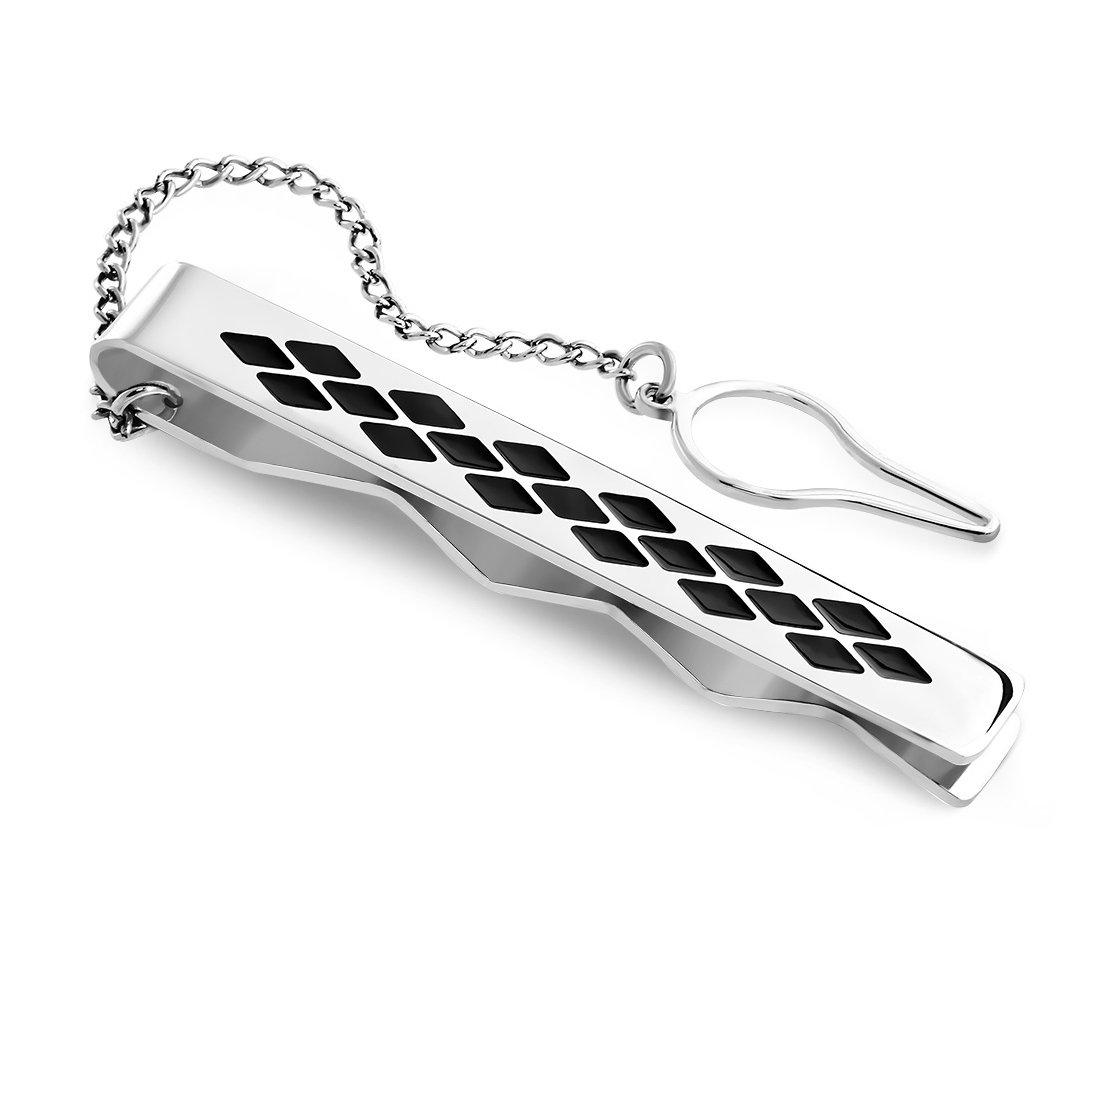 Acier inoxydable 2tons Grille/Checker Barre de cravate pour homme Pince à cravate avec chaîne NRG 316L Jewelry 205-YYN034